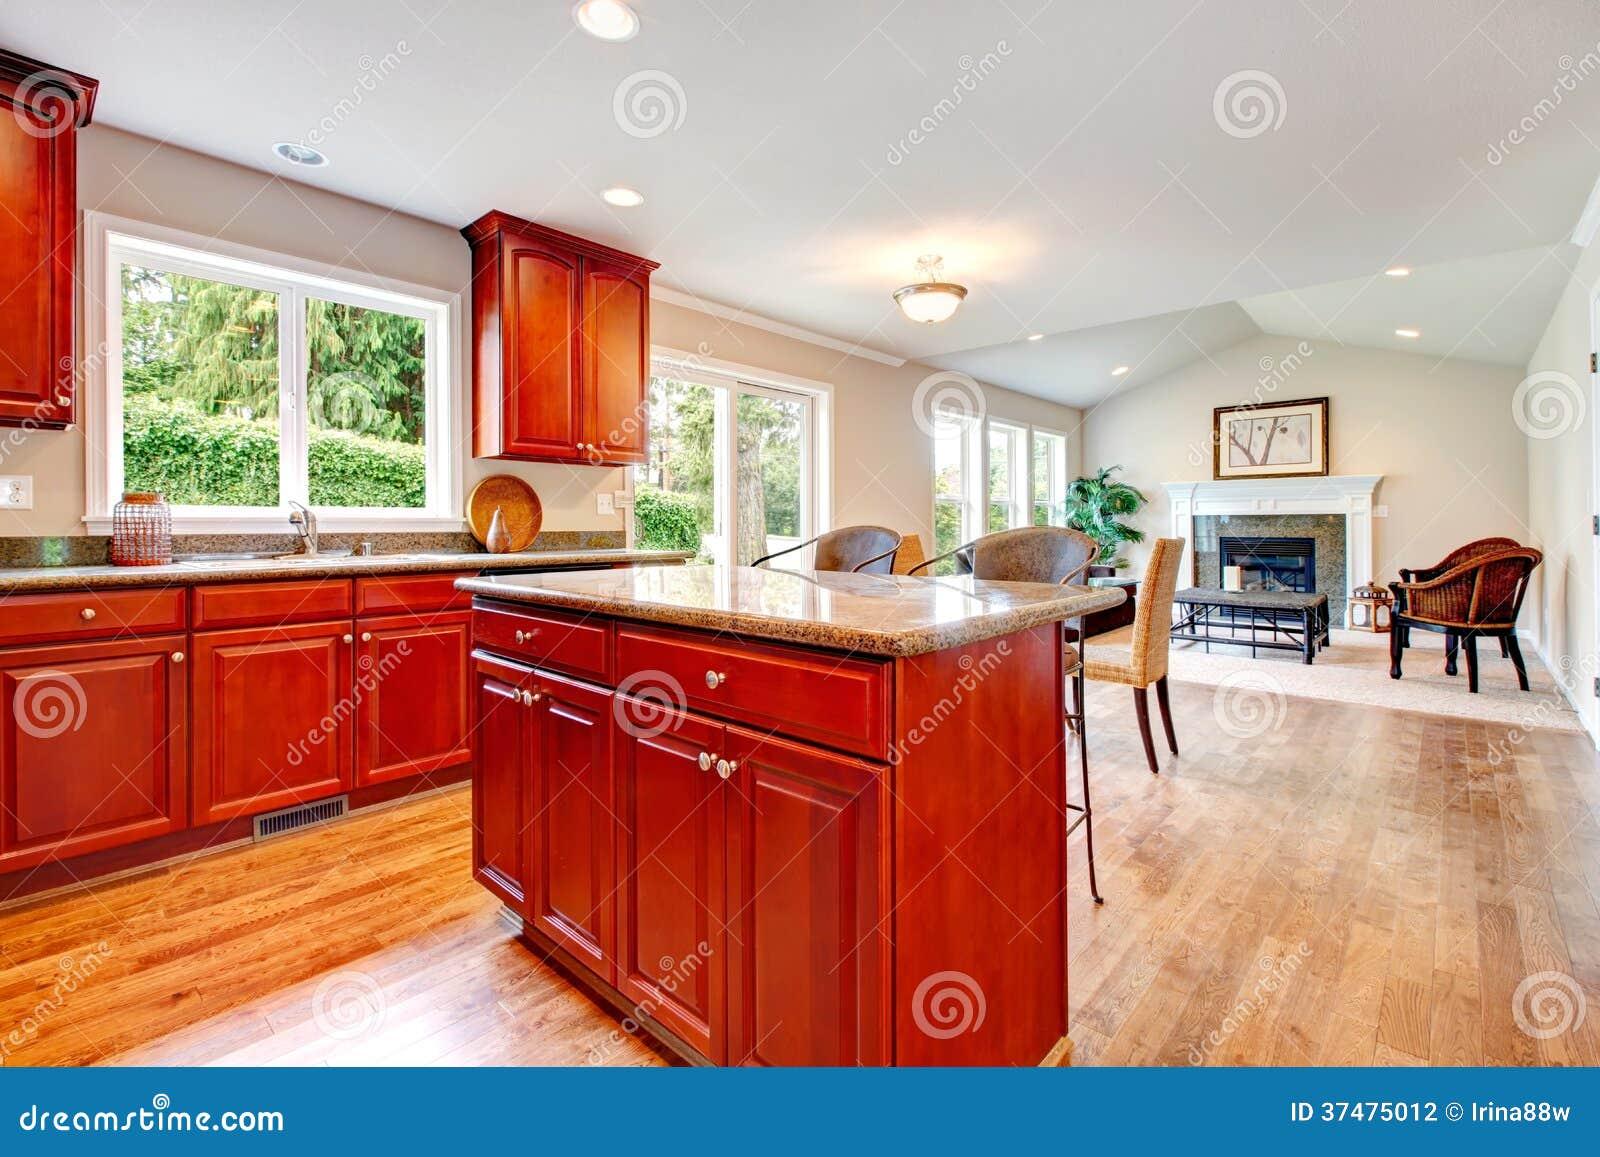 Stor designlösning för öppet plan av kök och vardagsrum arkivbild ...